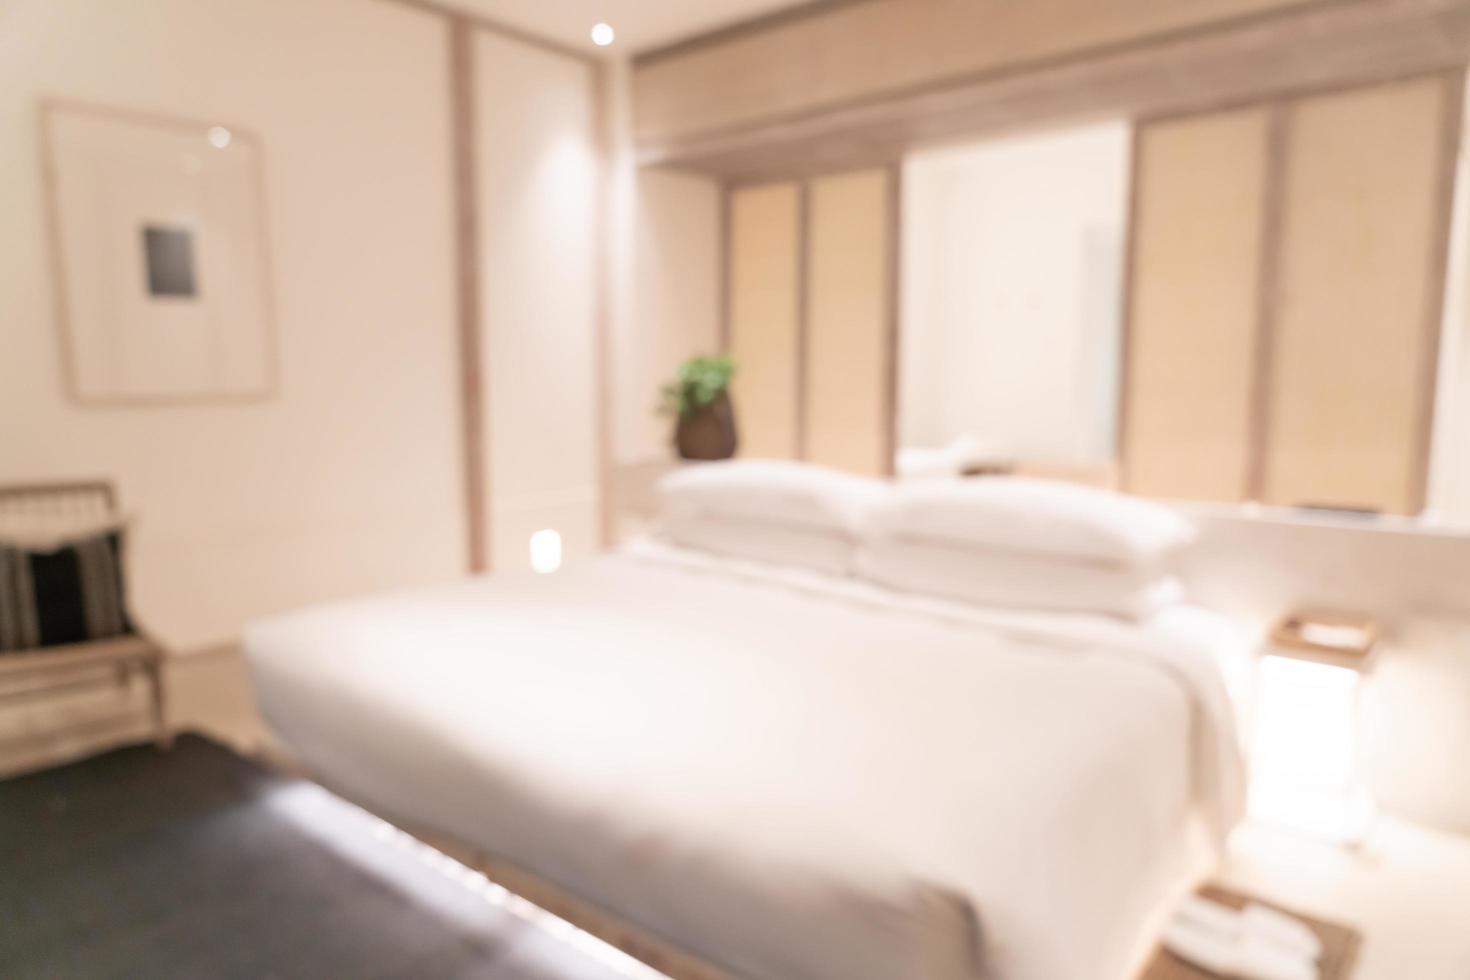 abstract vervagen luxe hotel resort slaapkamer interieur voor achtergrond foto